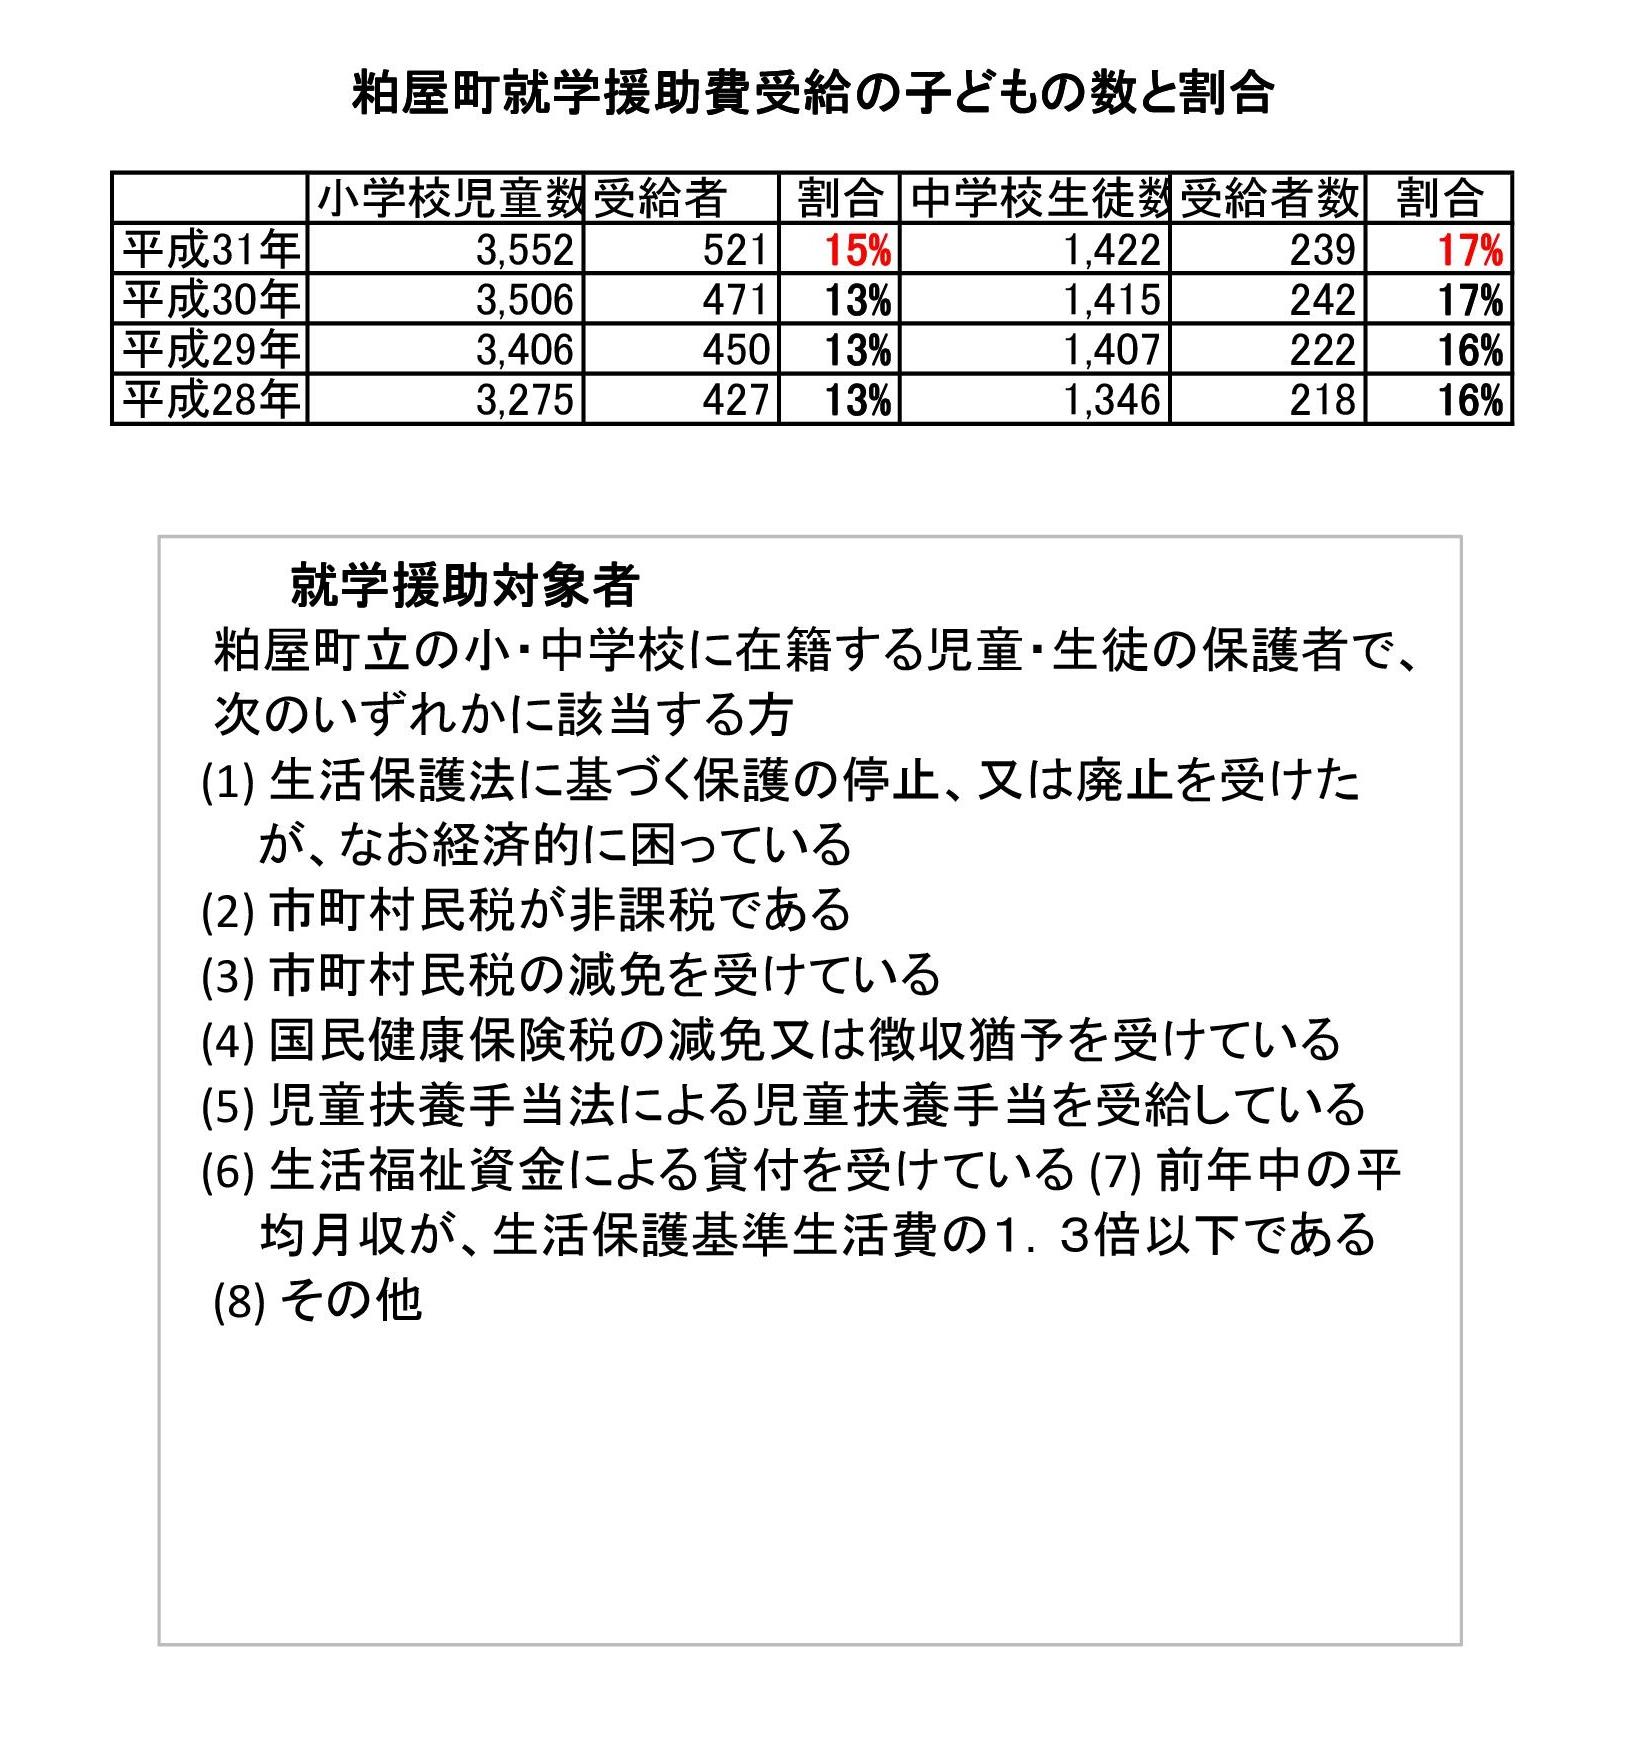 給付 円 万 町 粕屋 10 10万円の特別定額給付金 神奈川でも支給始まる